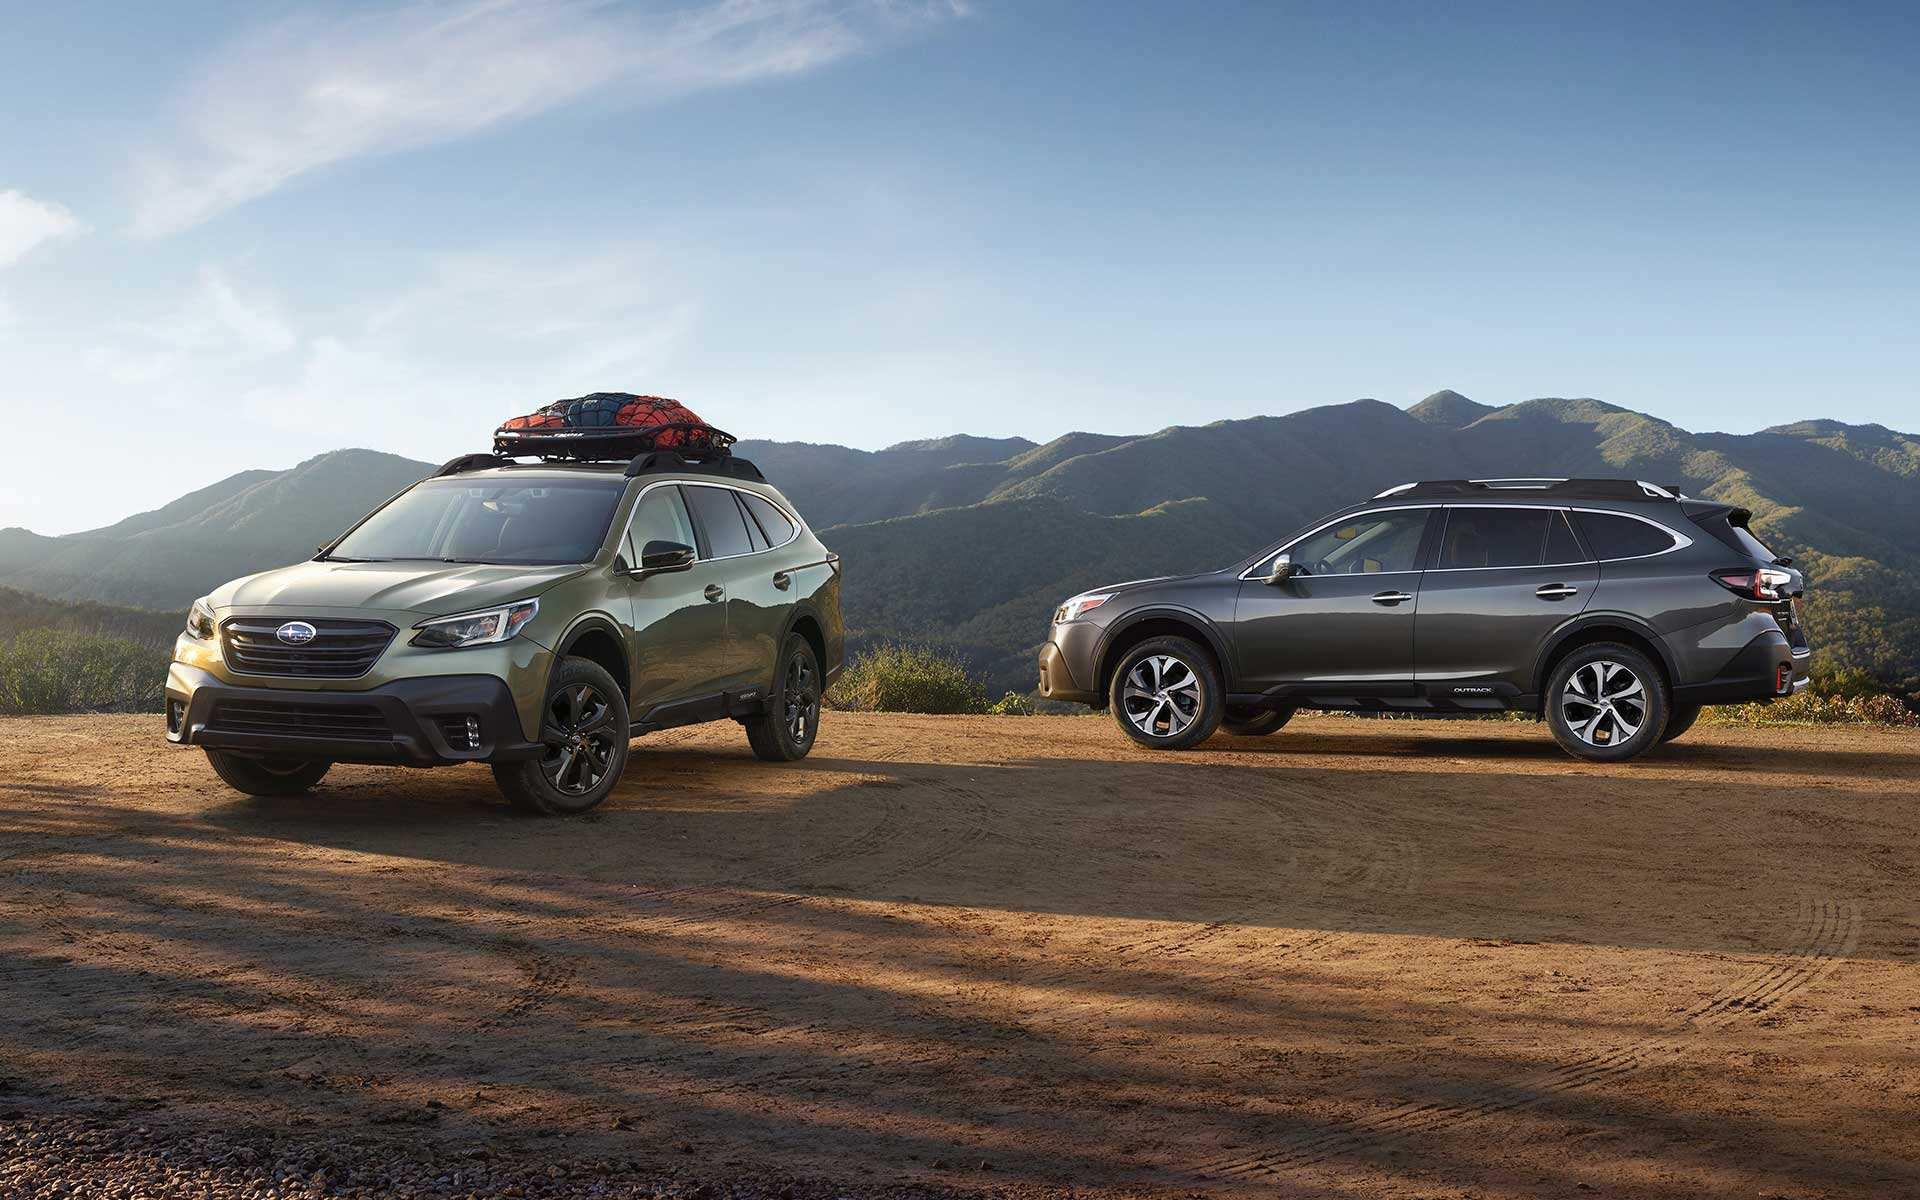 72 The Subaru My 2020 Ratings for Subaru My 2020